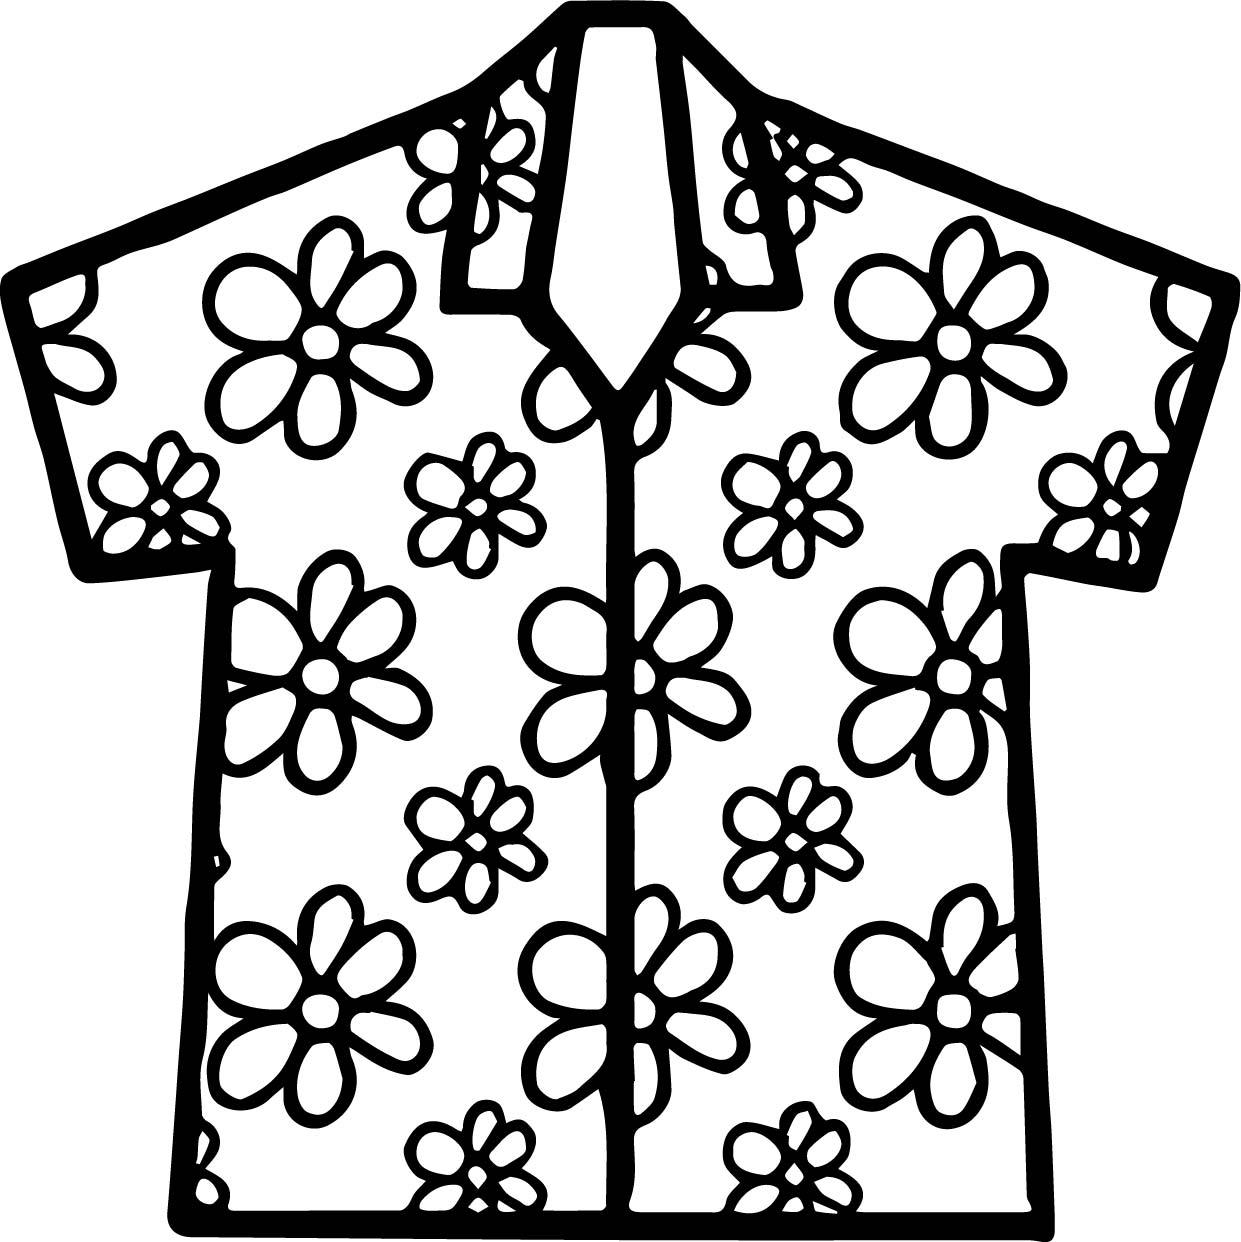 Hawaii Shirt Coloring Page